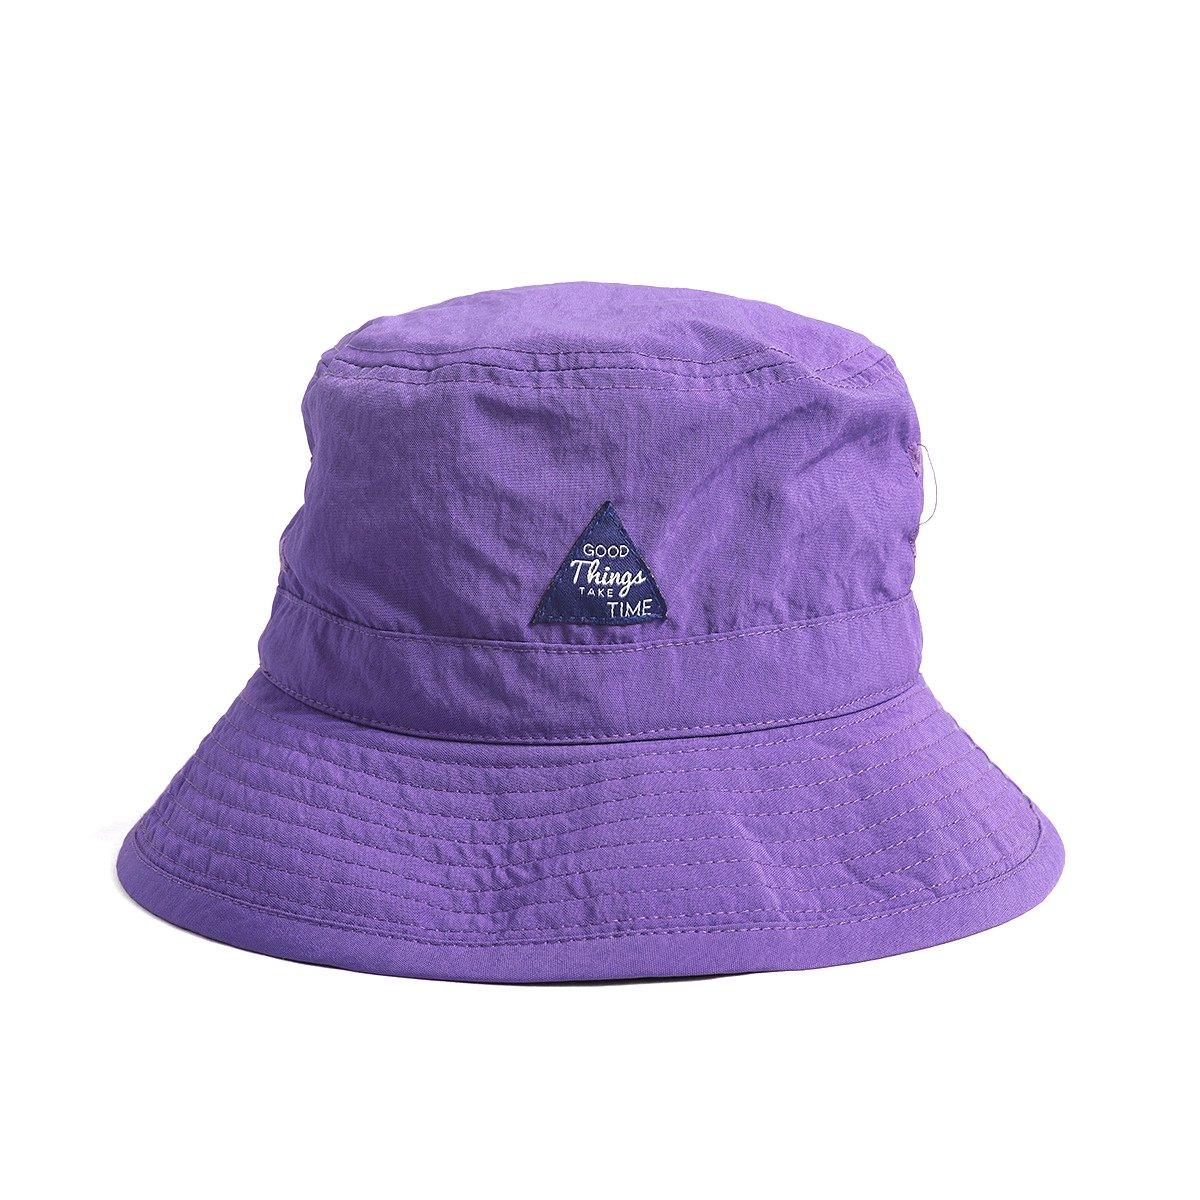 【KIDS】Laugh Mat Hat 詳細画像4